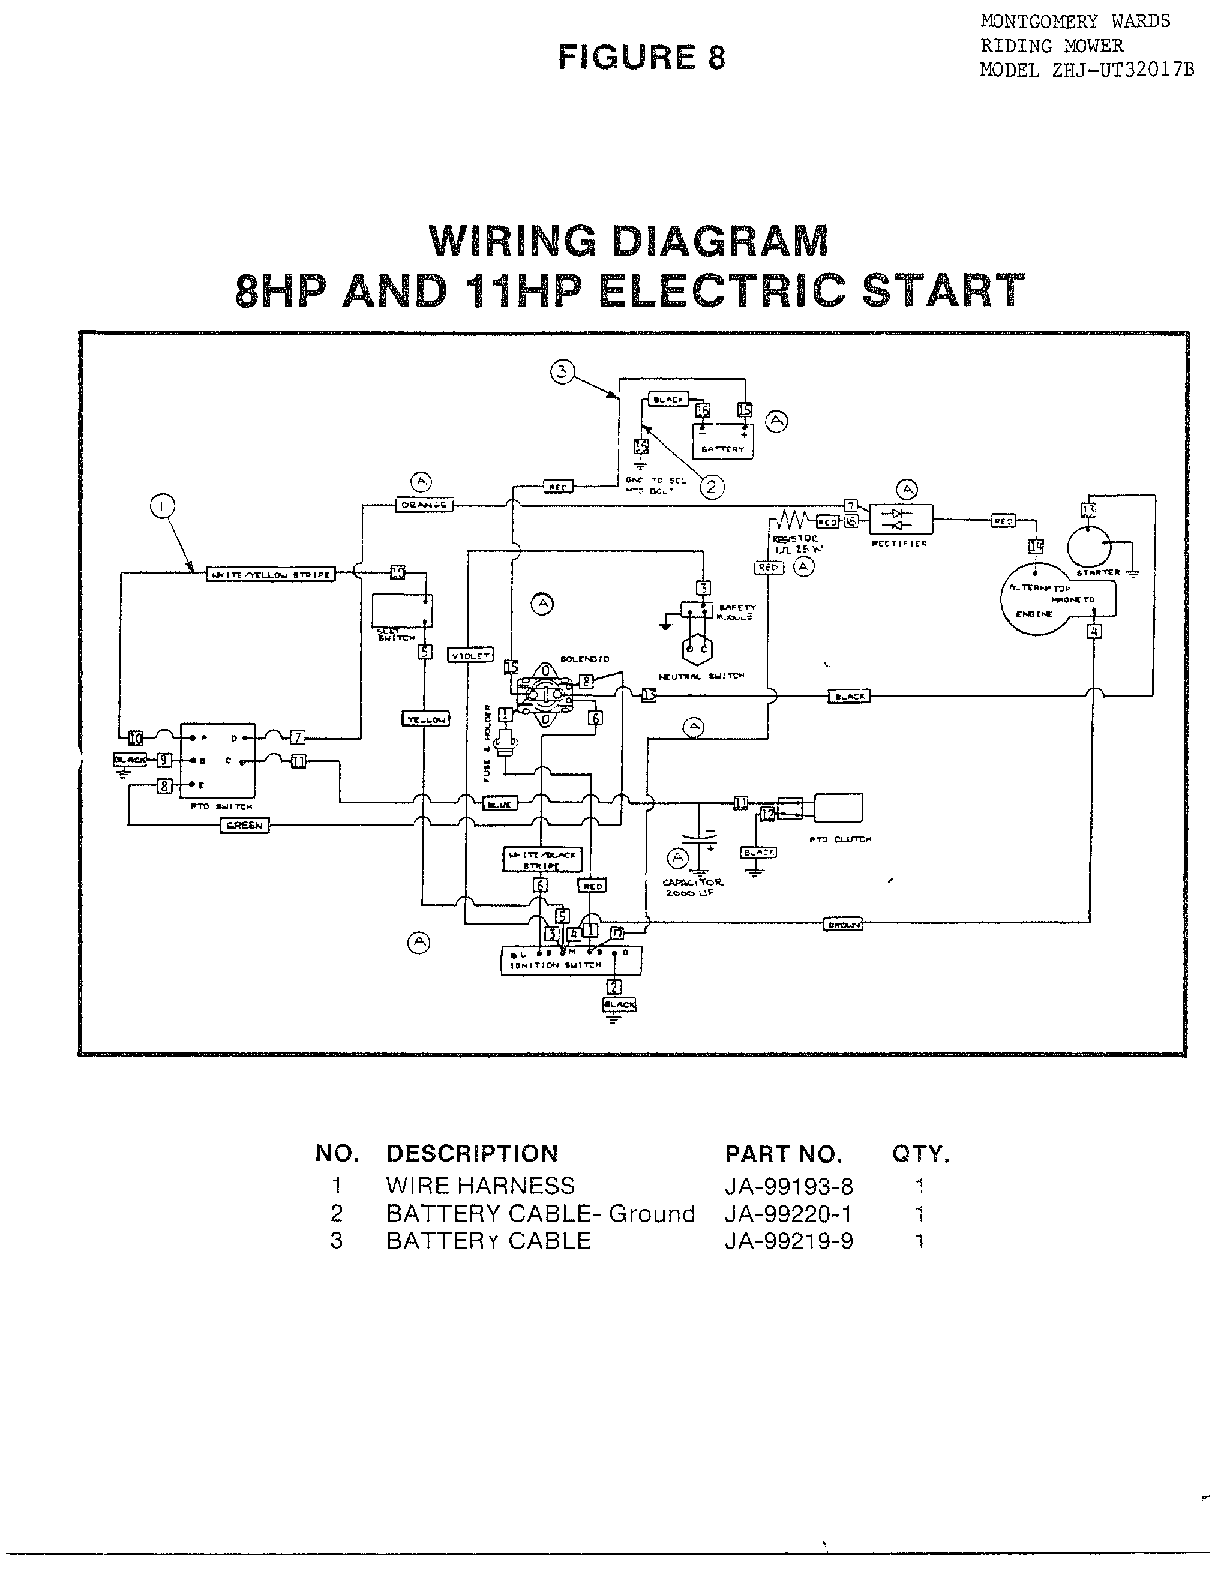 Mv 6993 Wiring Diagram On 11 Hp Briggs And Stratton Engine Wiring Diagram Schematic Wiring